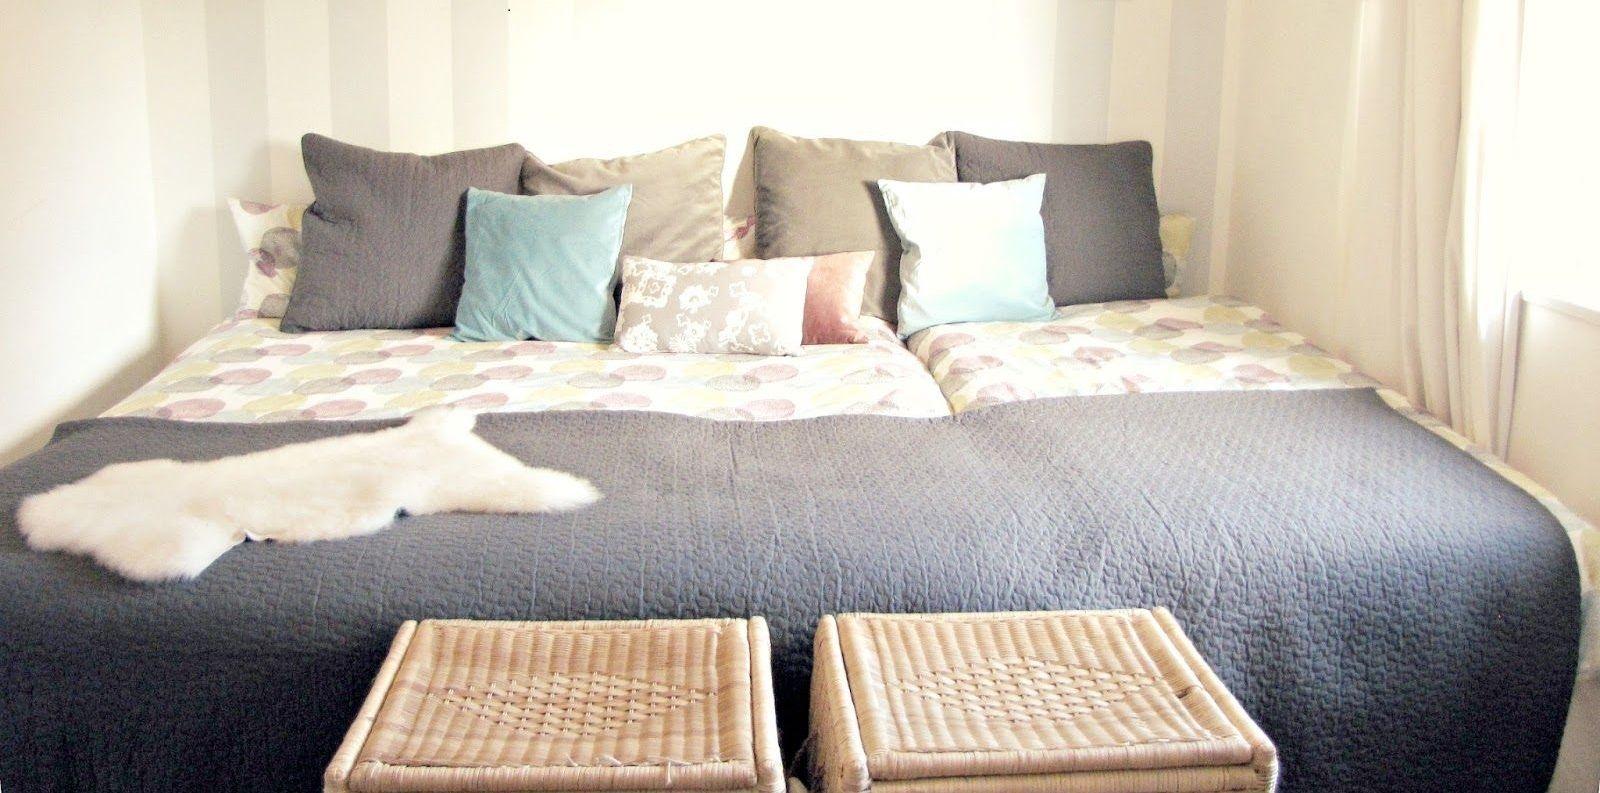 Hier Finden Sie Die Anleitung Zu Gestaltung Eines Wunderschonen Familienbettes Ganz Einfach Zusammengestellt Aus Zwei Bet Familien Bett Familienbett Bett Ideen